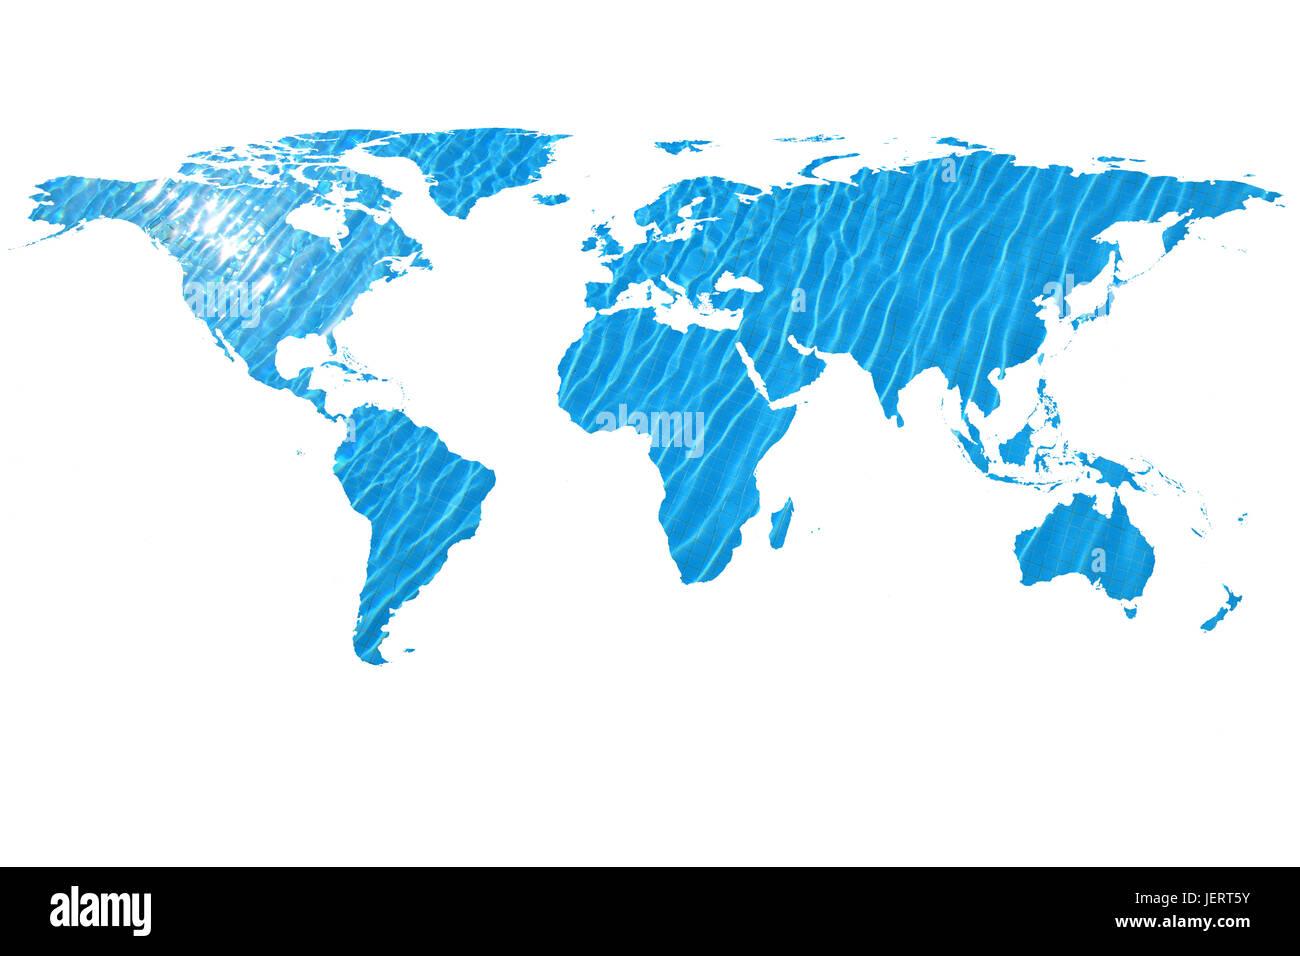 Immagine concettuale del mondo piatto mappa e acqua. La NASA mappa piatta del mondo immagine utilizzata per arredare Immagini Stock